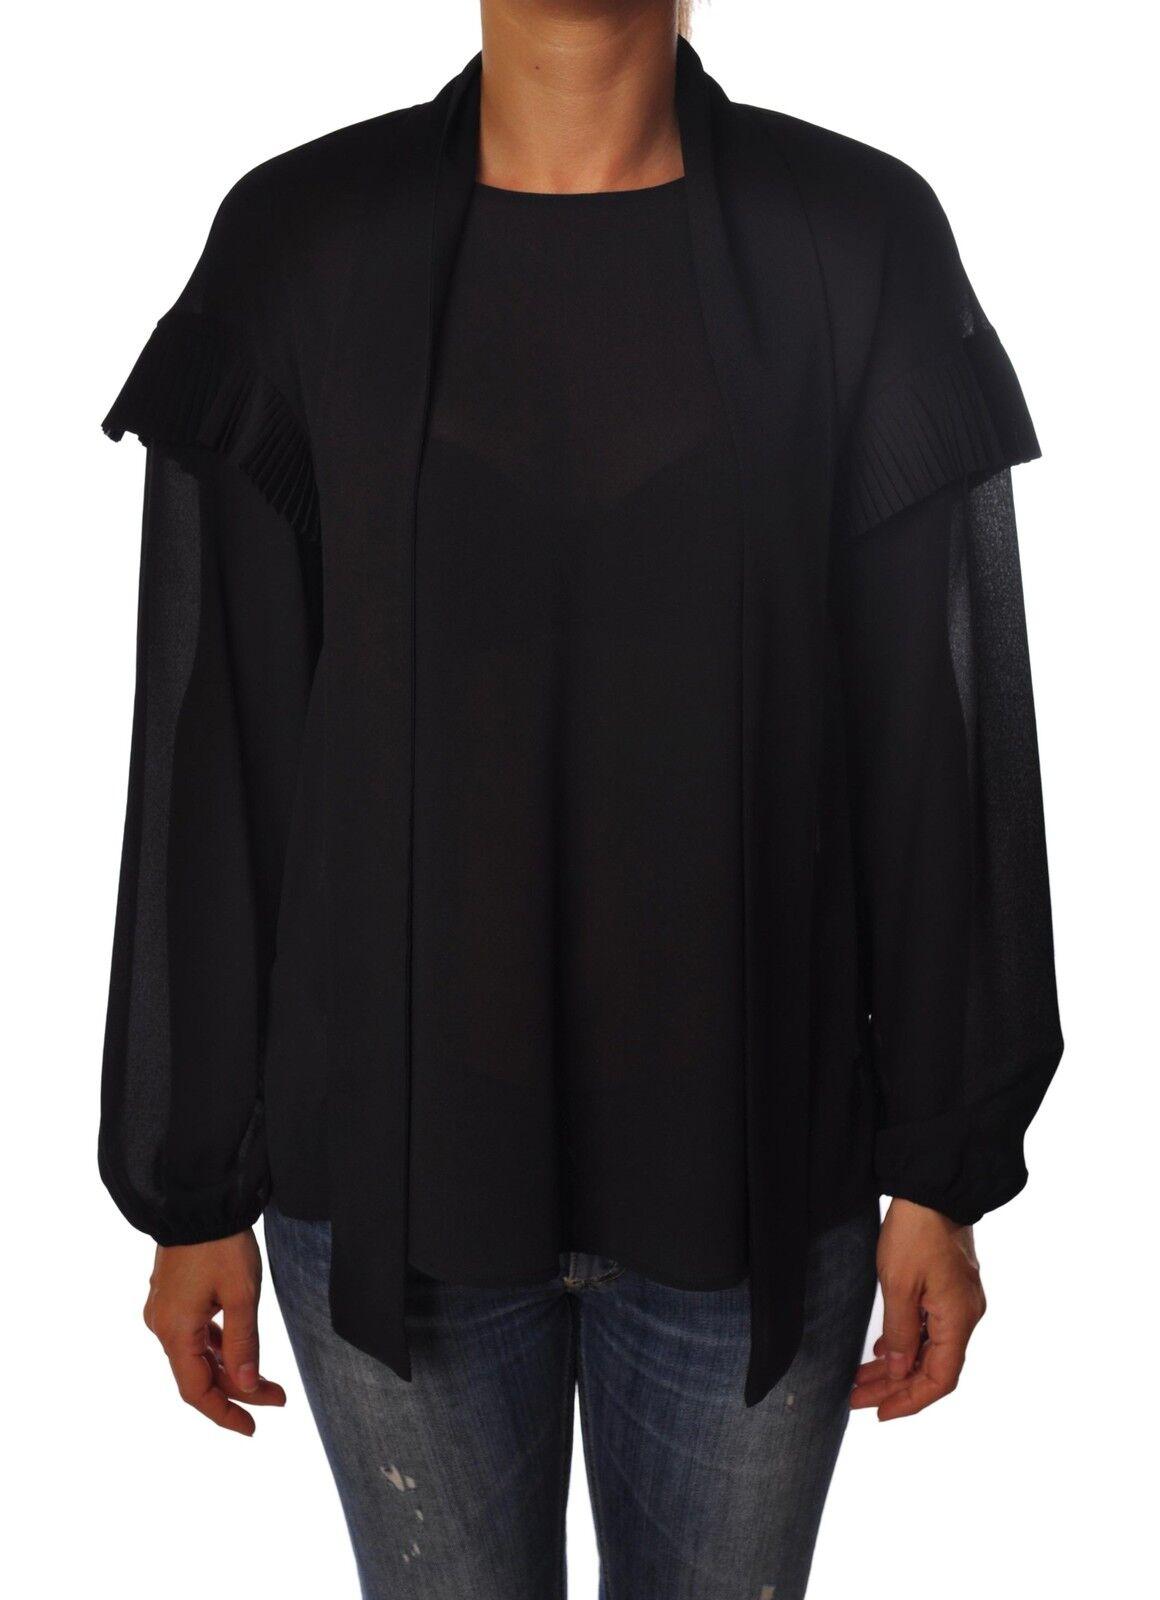 Rosao  -  Shirt - Weiblich - Schwarz - 3894030A185711